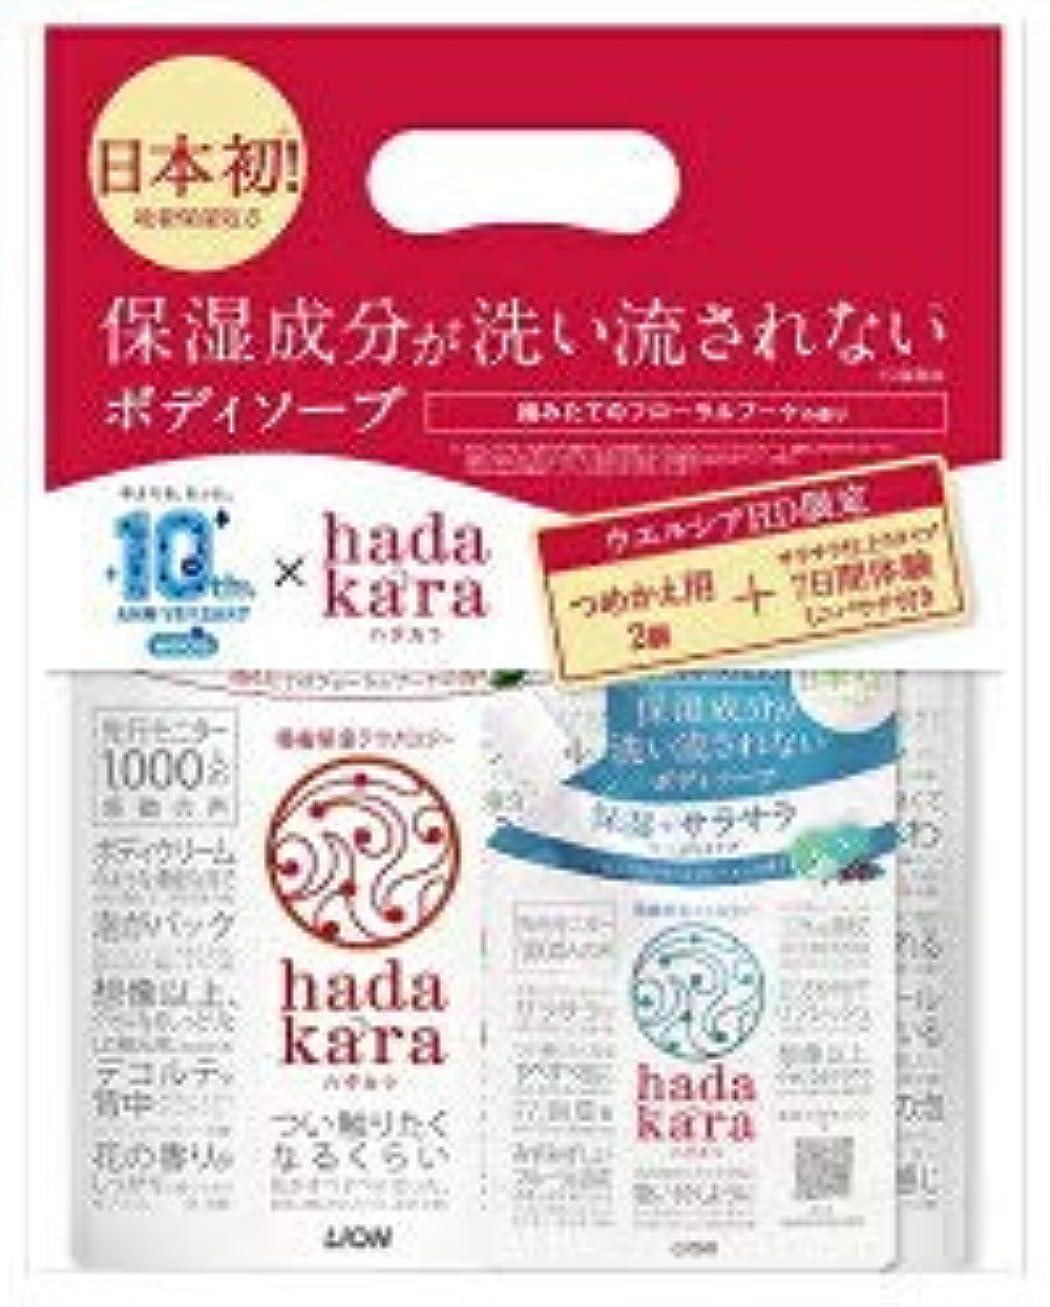 を除く不合格ブラウスライオン hadakara フローラルブーケの香り 詰替 2個パック+ミニパウチ ボディソープ 6個セット